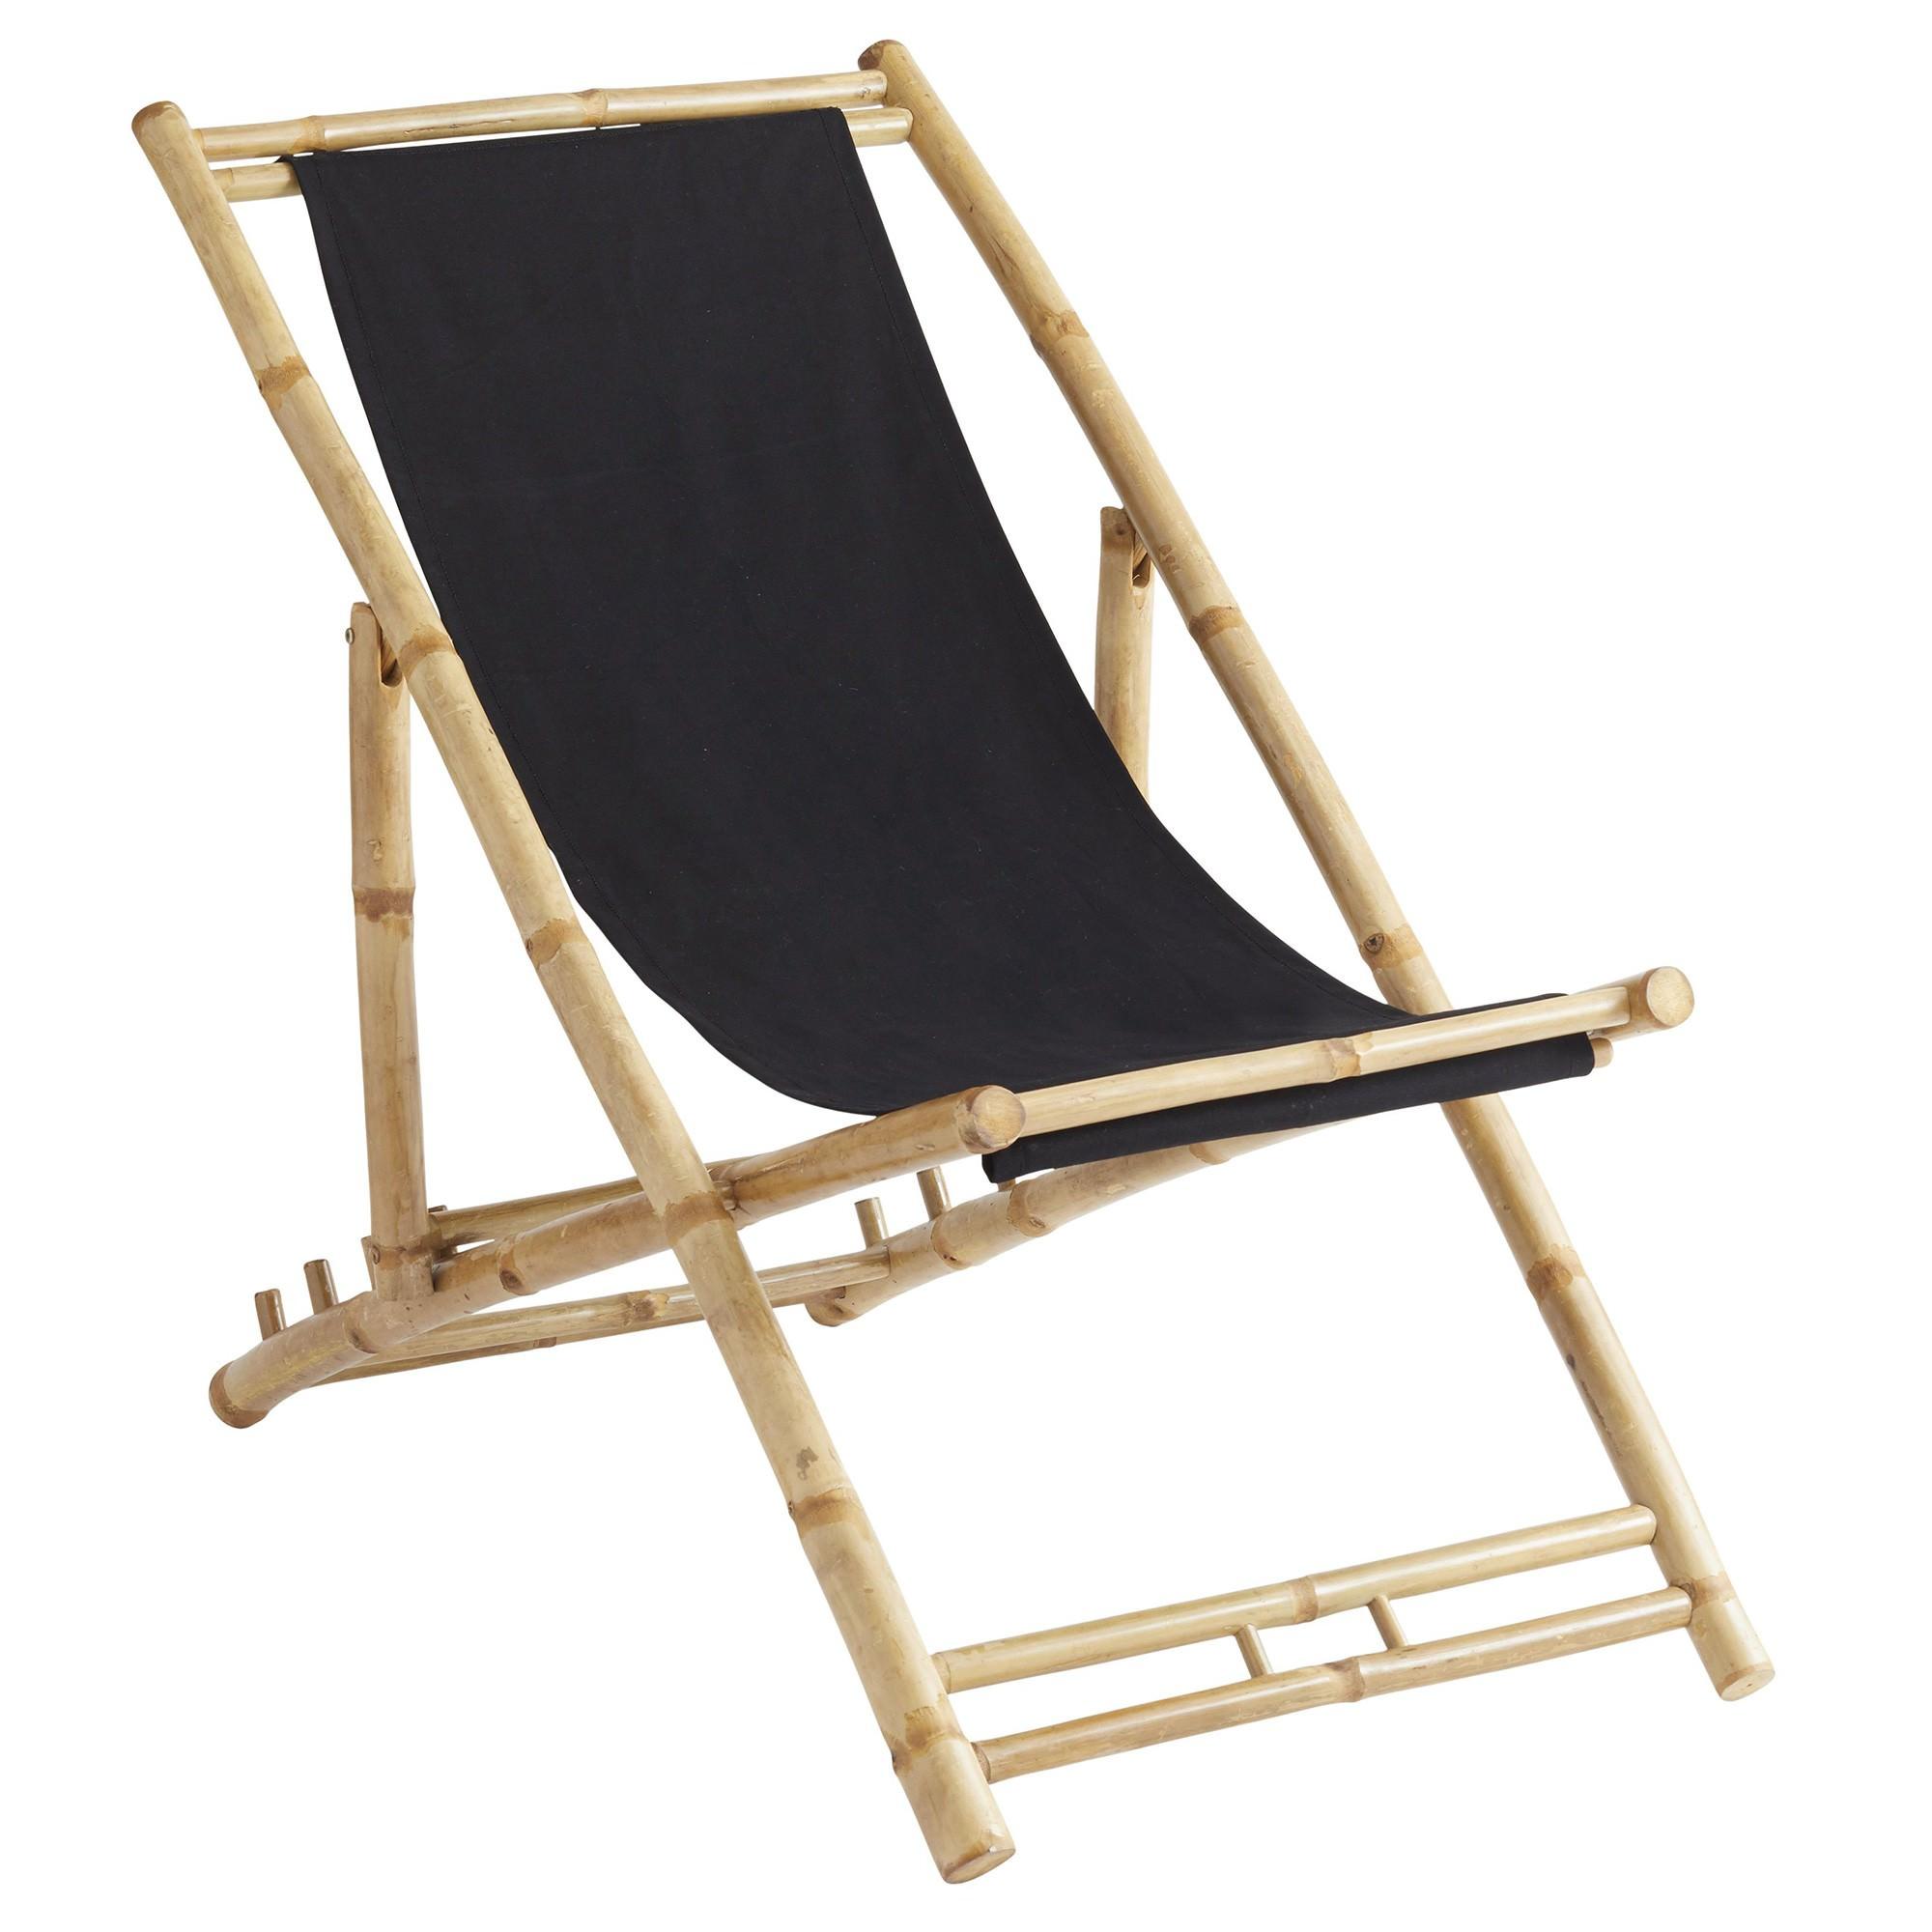 Sahnish Bamboo & Cotton Fabric Beach Chair,  Black / Natural